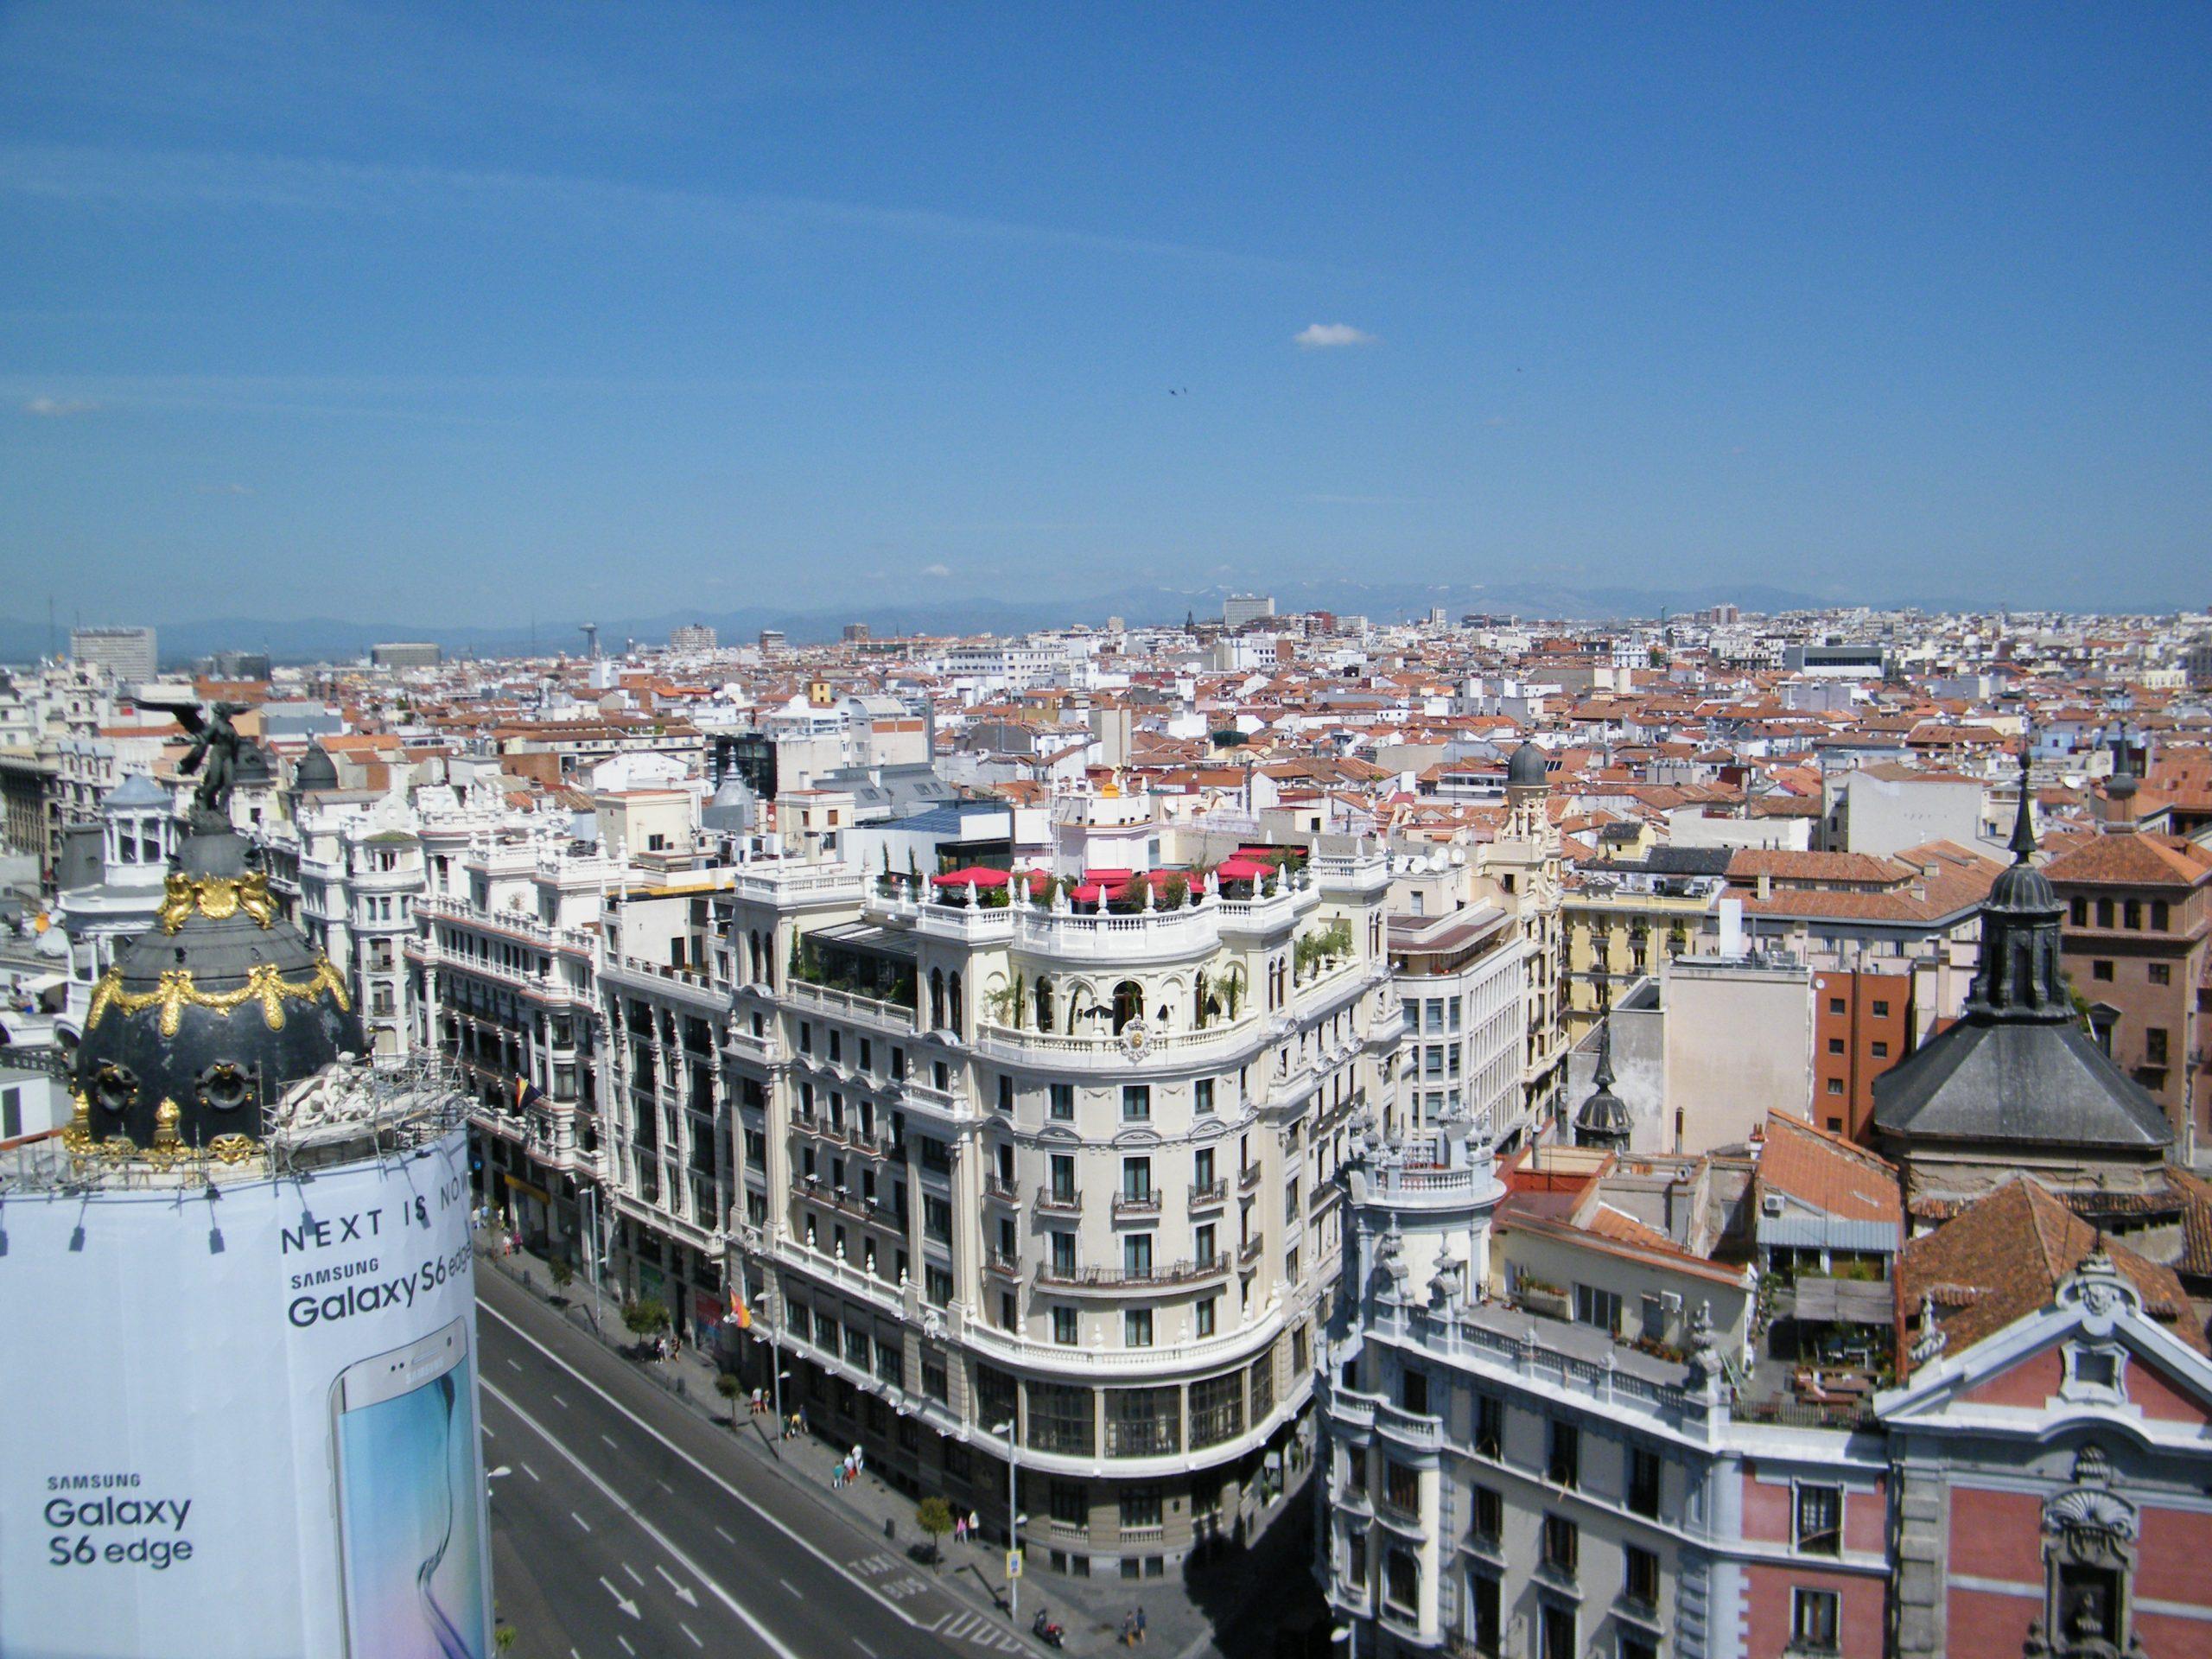 Smittetrykket er atter for højt i Spanien, vurderer Udenrigsministeriet, der nu igen fraråder rejser til hele landet, selv om der er stort forskel på smittetrykket i de forskellige spanske regioner. Arkivfoto fra Madrid: Henrik Baumgarten.